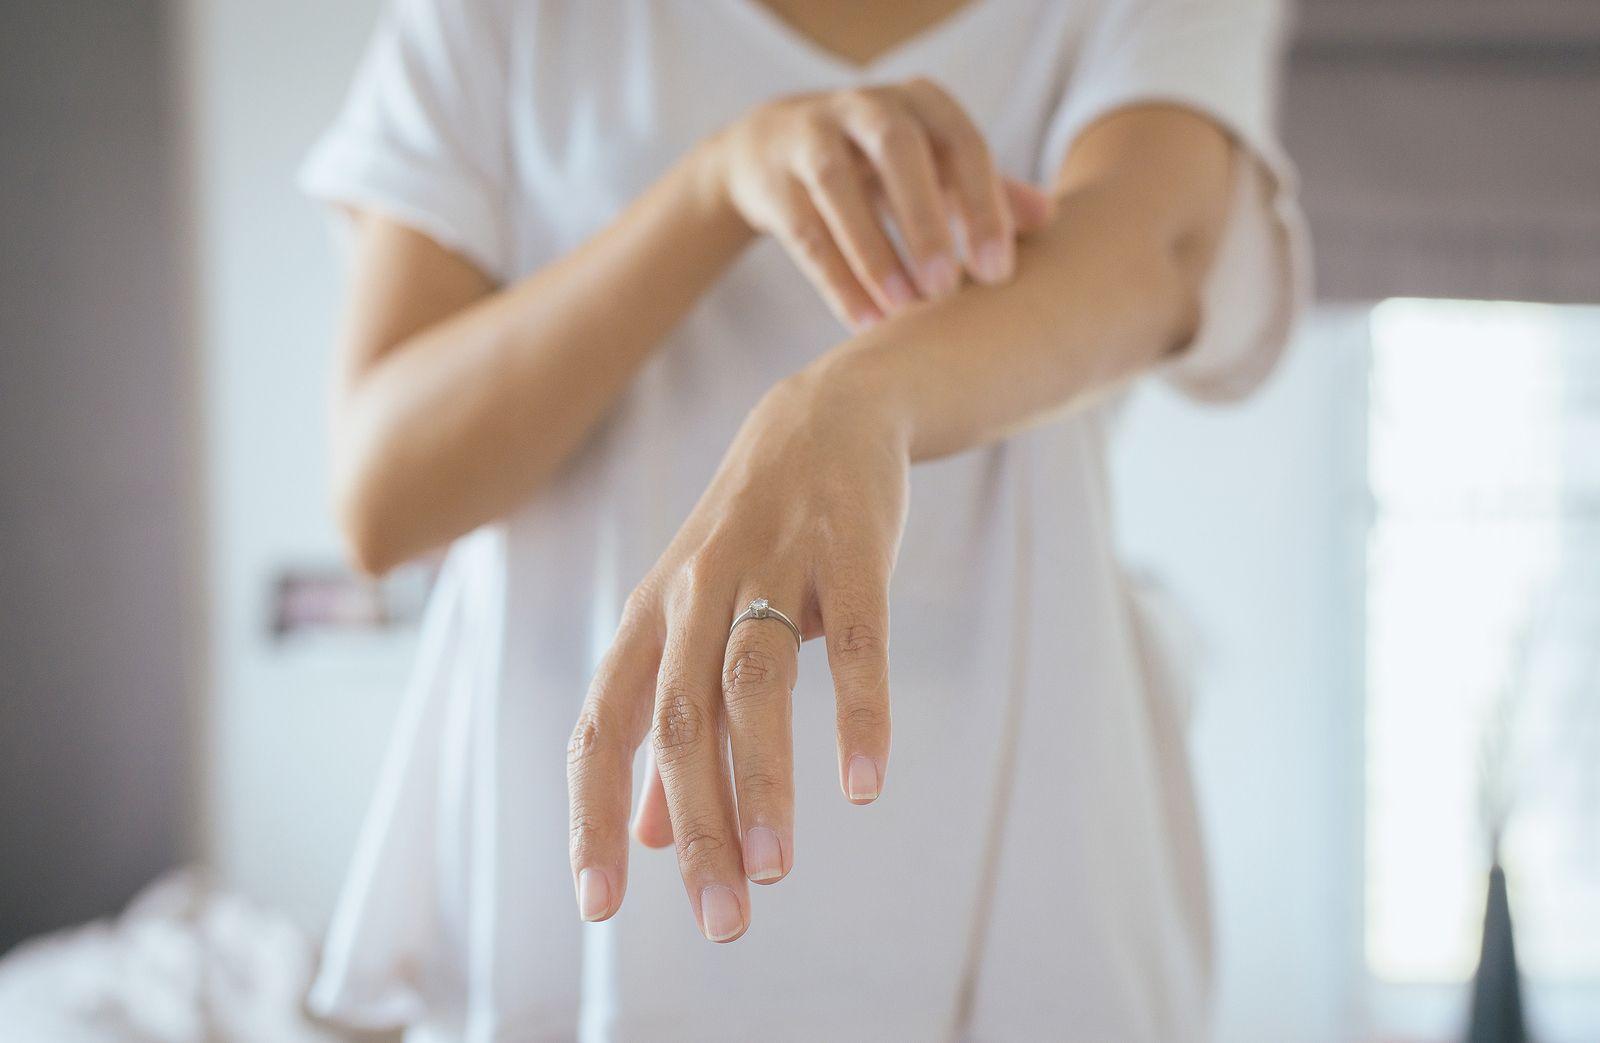 Eficacia y seguridad del tratamiento de la Dermatitis Atópica con acupuntura frente al tratamiento con Cetirizina